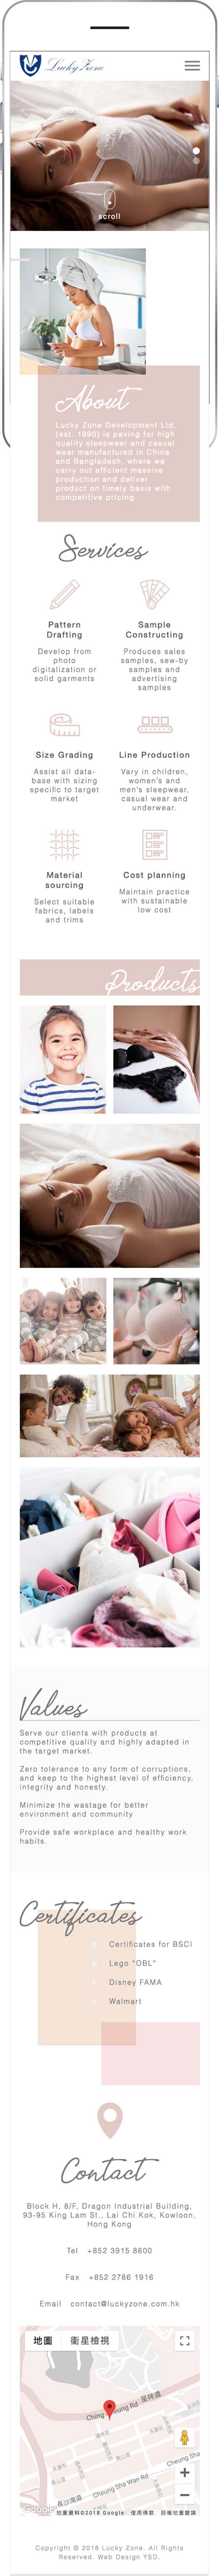 luckyzone-detailpage-4.jpg